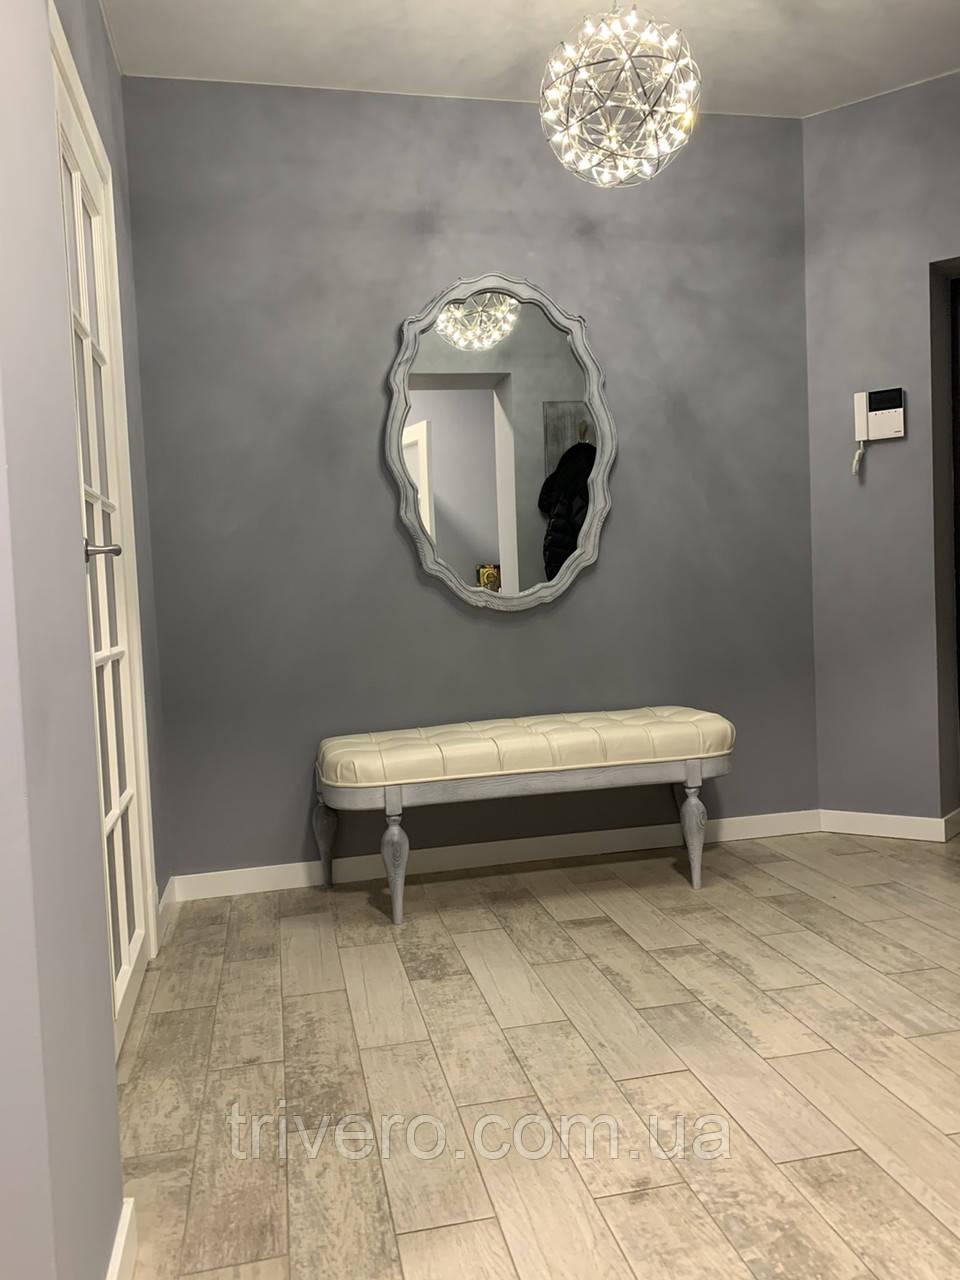 Зеркало настенное в резной деревянной раме черного цвета  Z-07